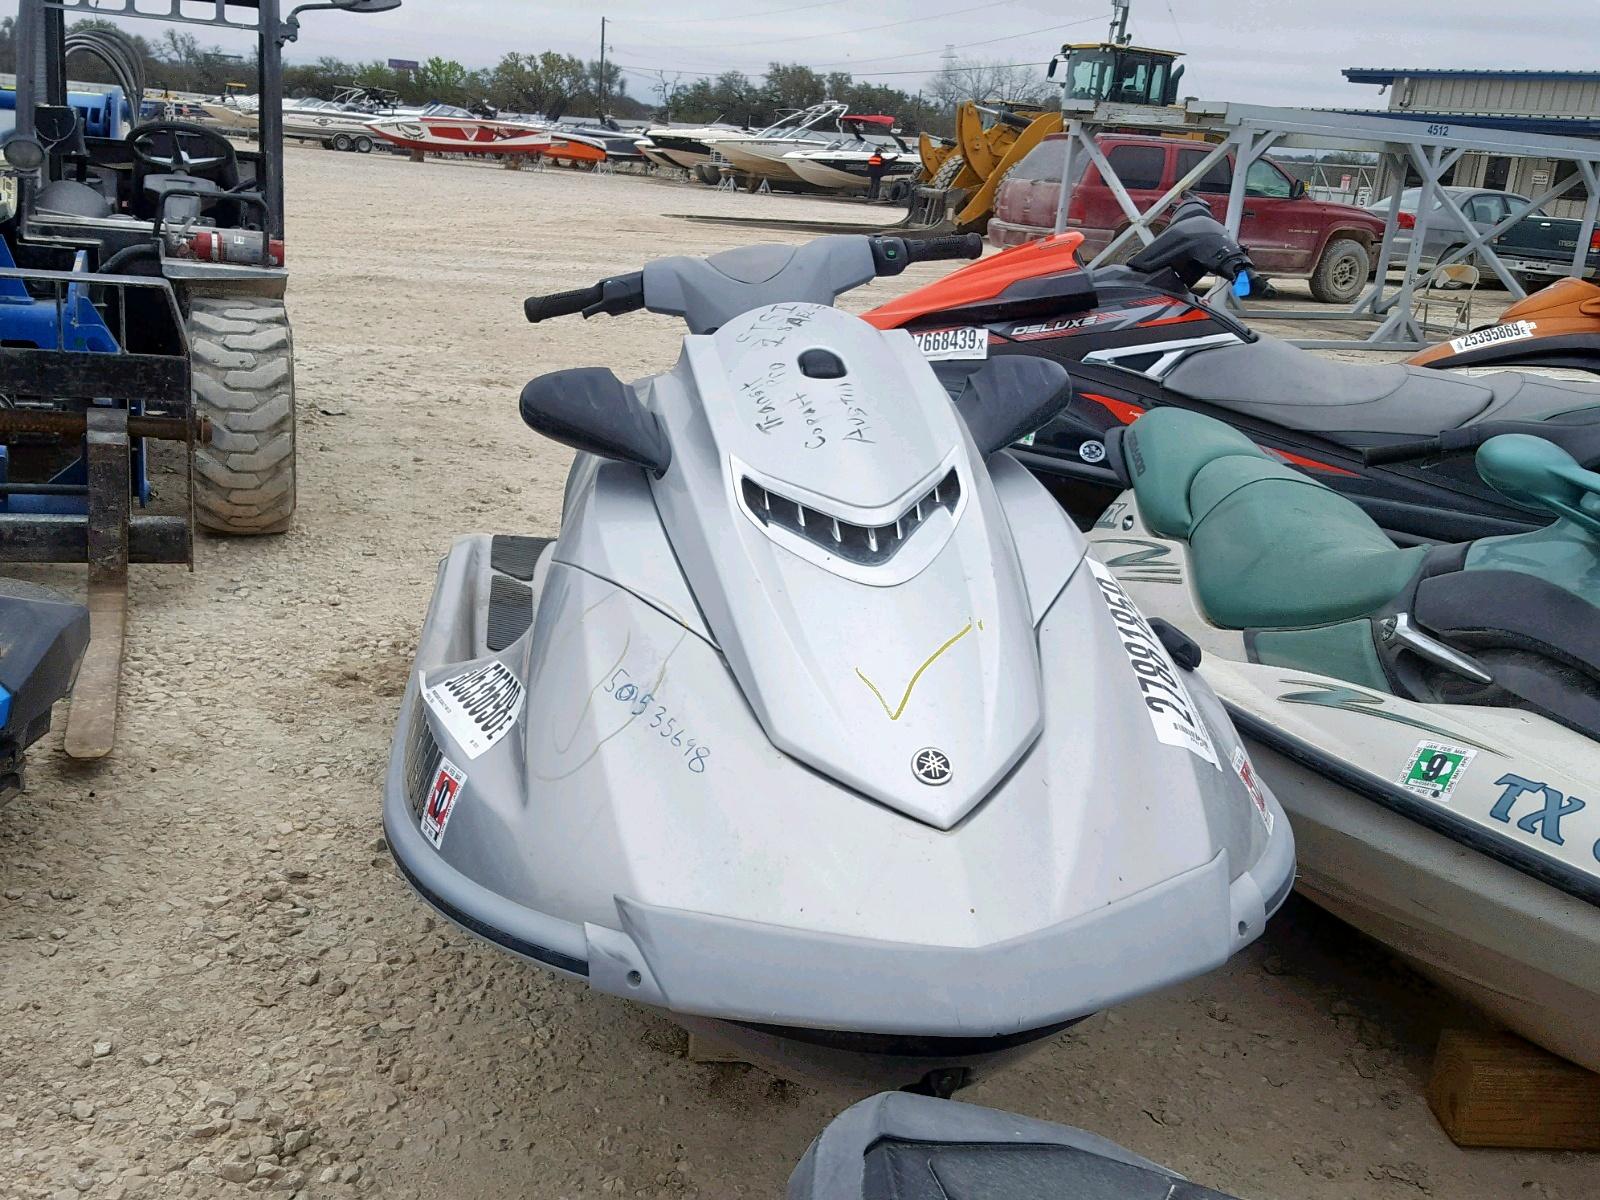 2011 Yamaha Vxr in TX - Austin (YAMA2171E111) for Sale – AutoBidMaster